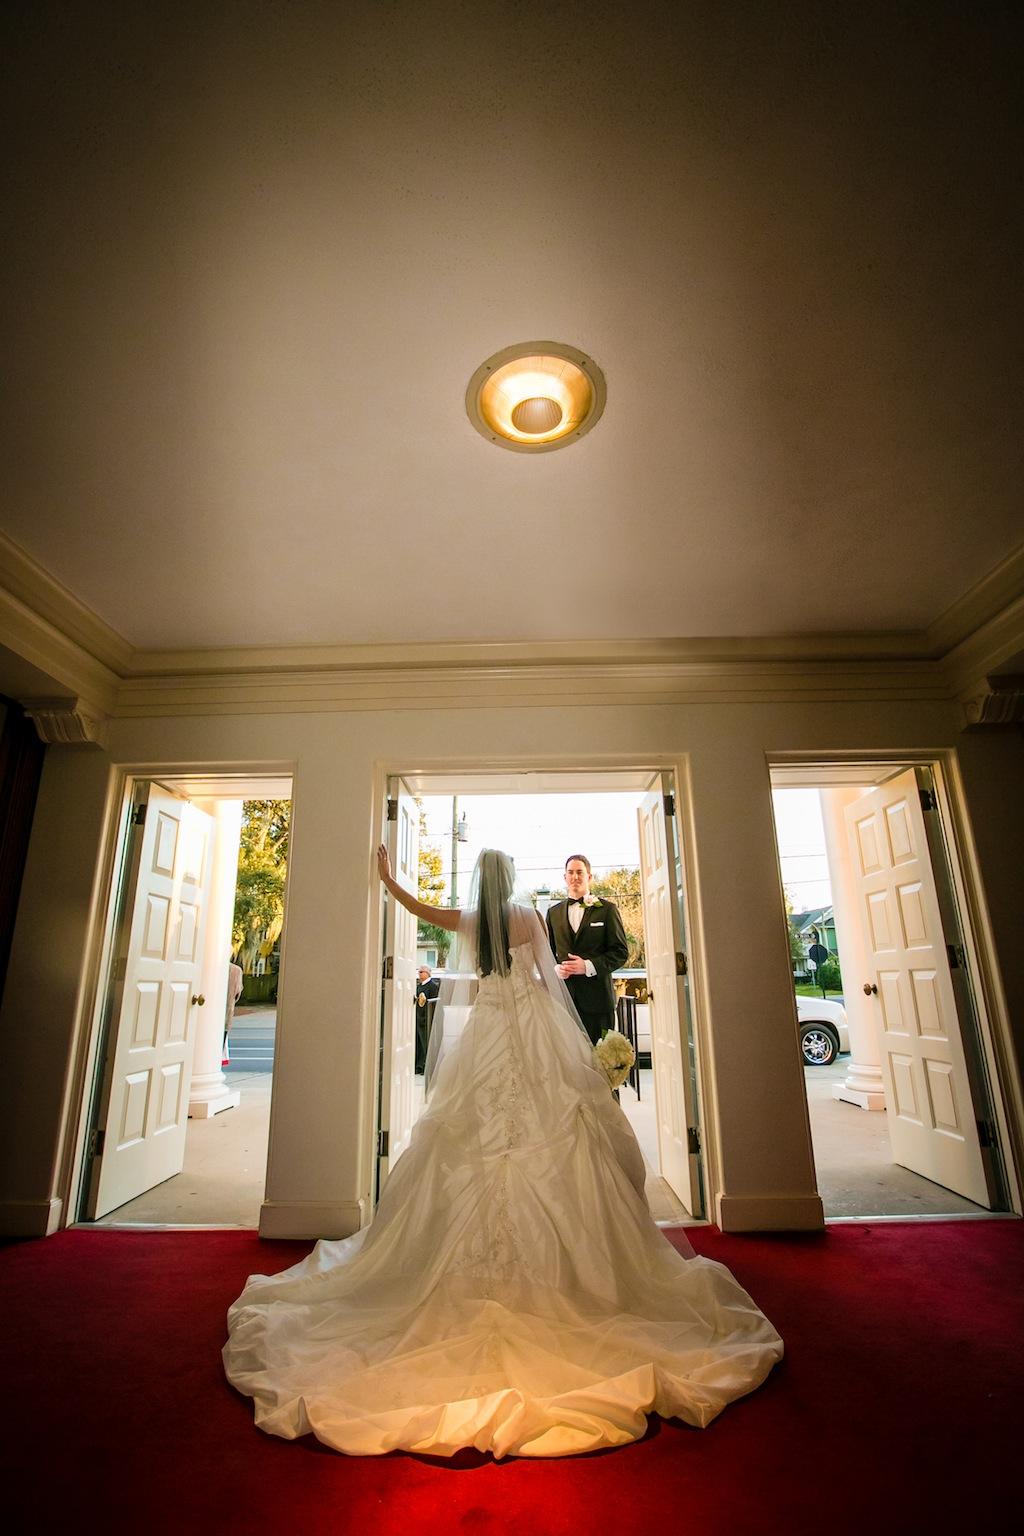 Floridan Palace Wedding, Downtown Tampa - Tampa Wedding Planner Burkle Events & Tampa Wedding Photographer Gary Kaplan Photography (18)